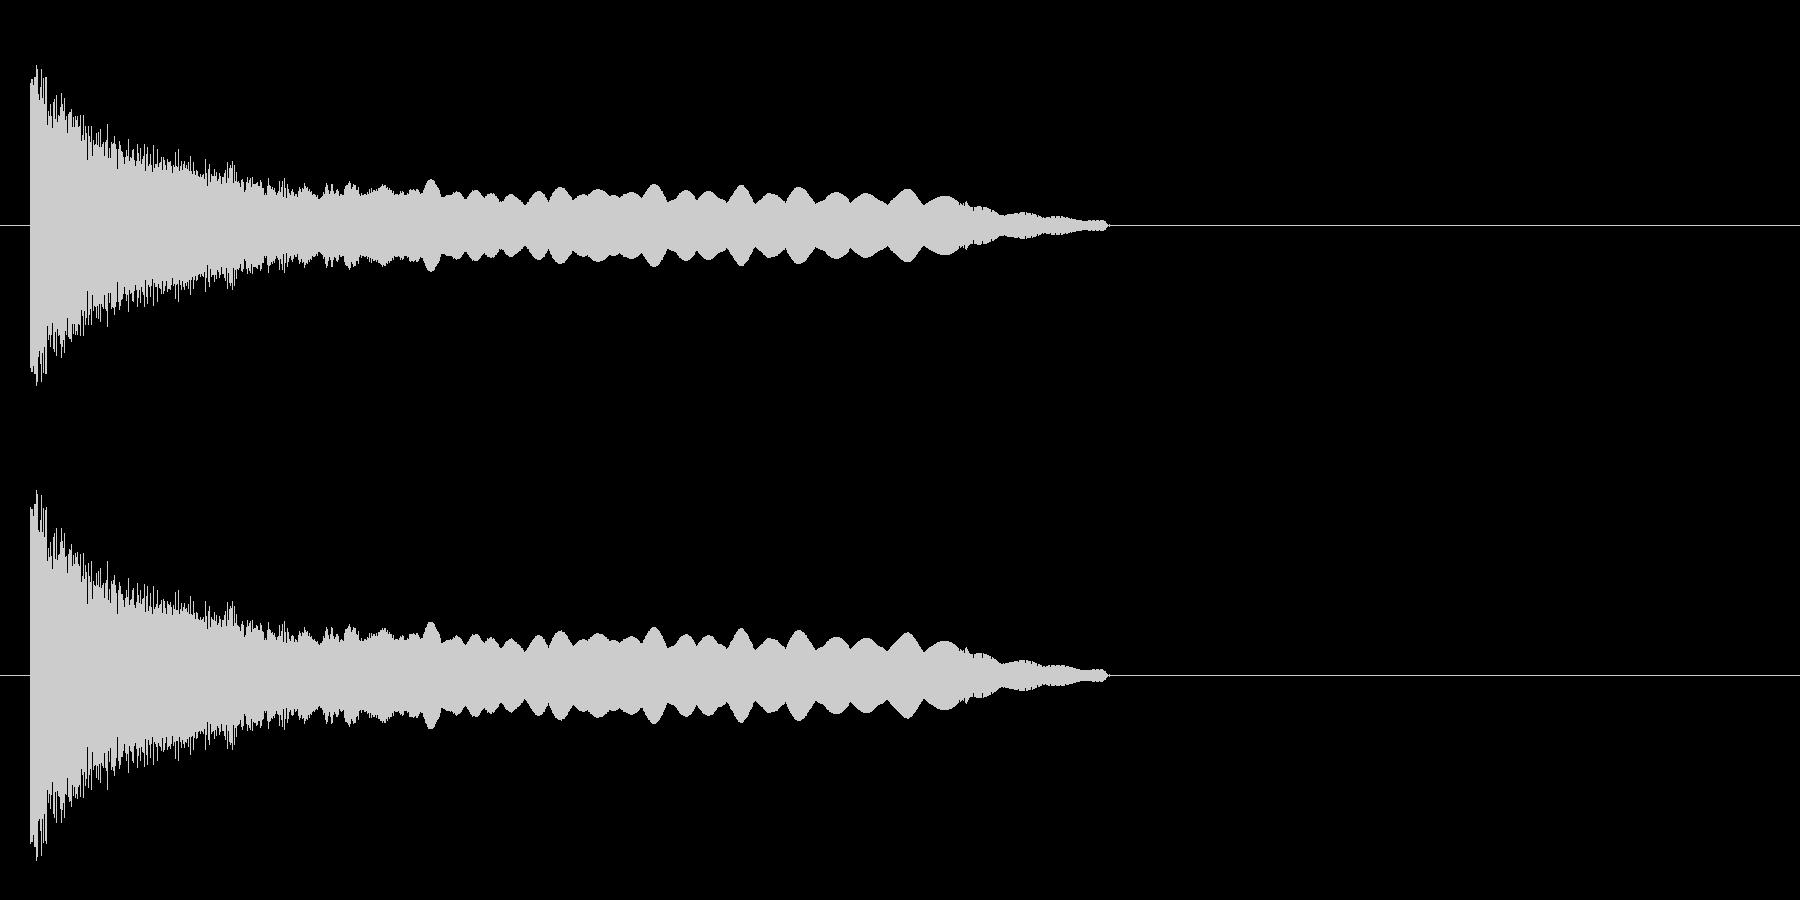 退場 ボツの未再生の波形